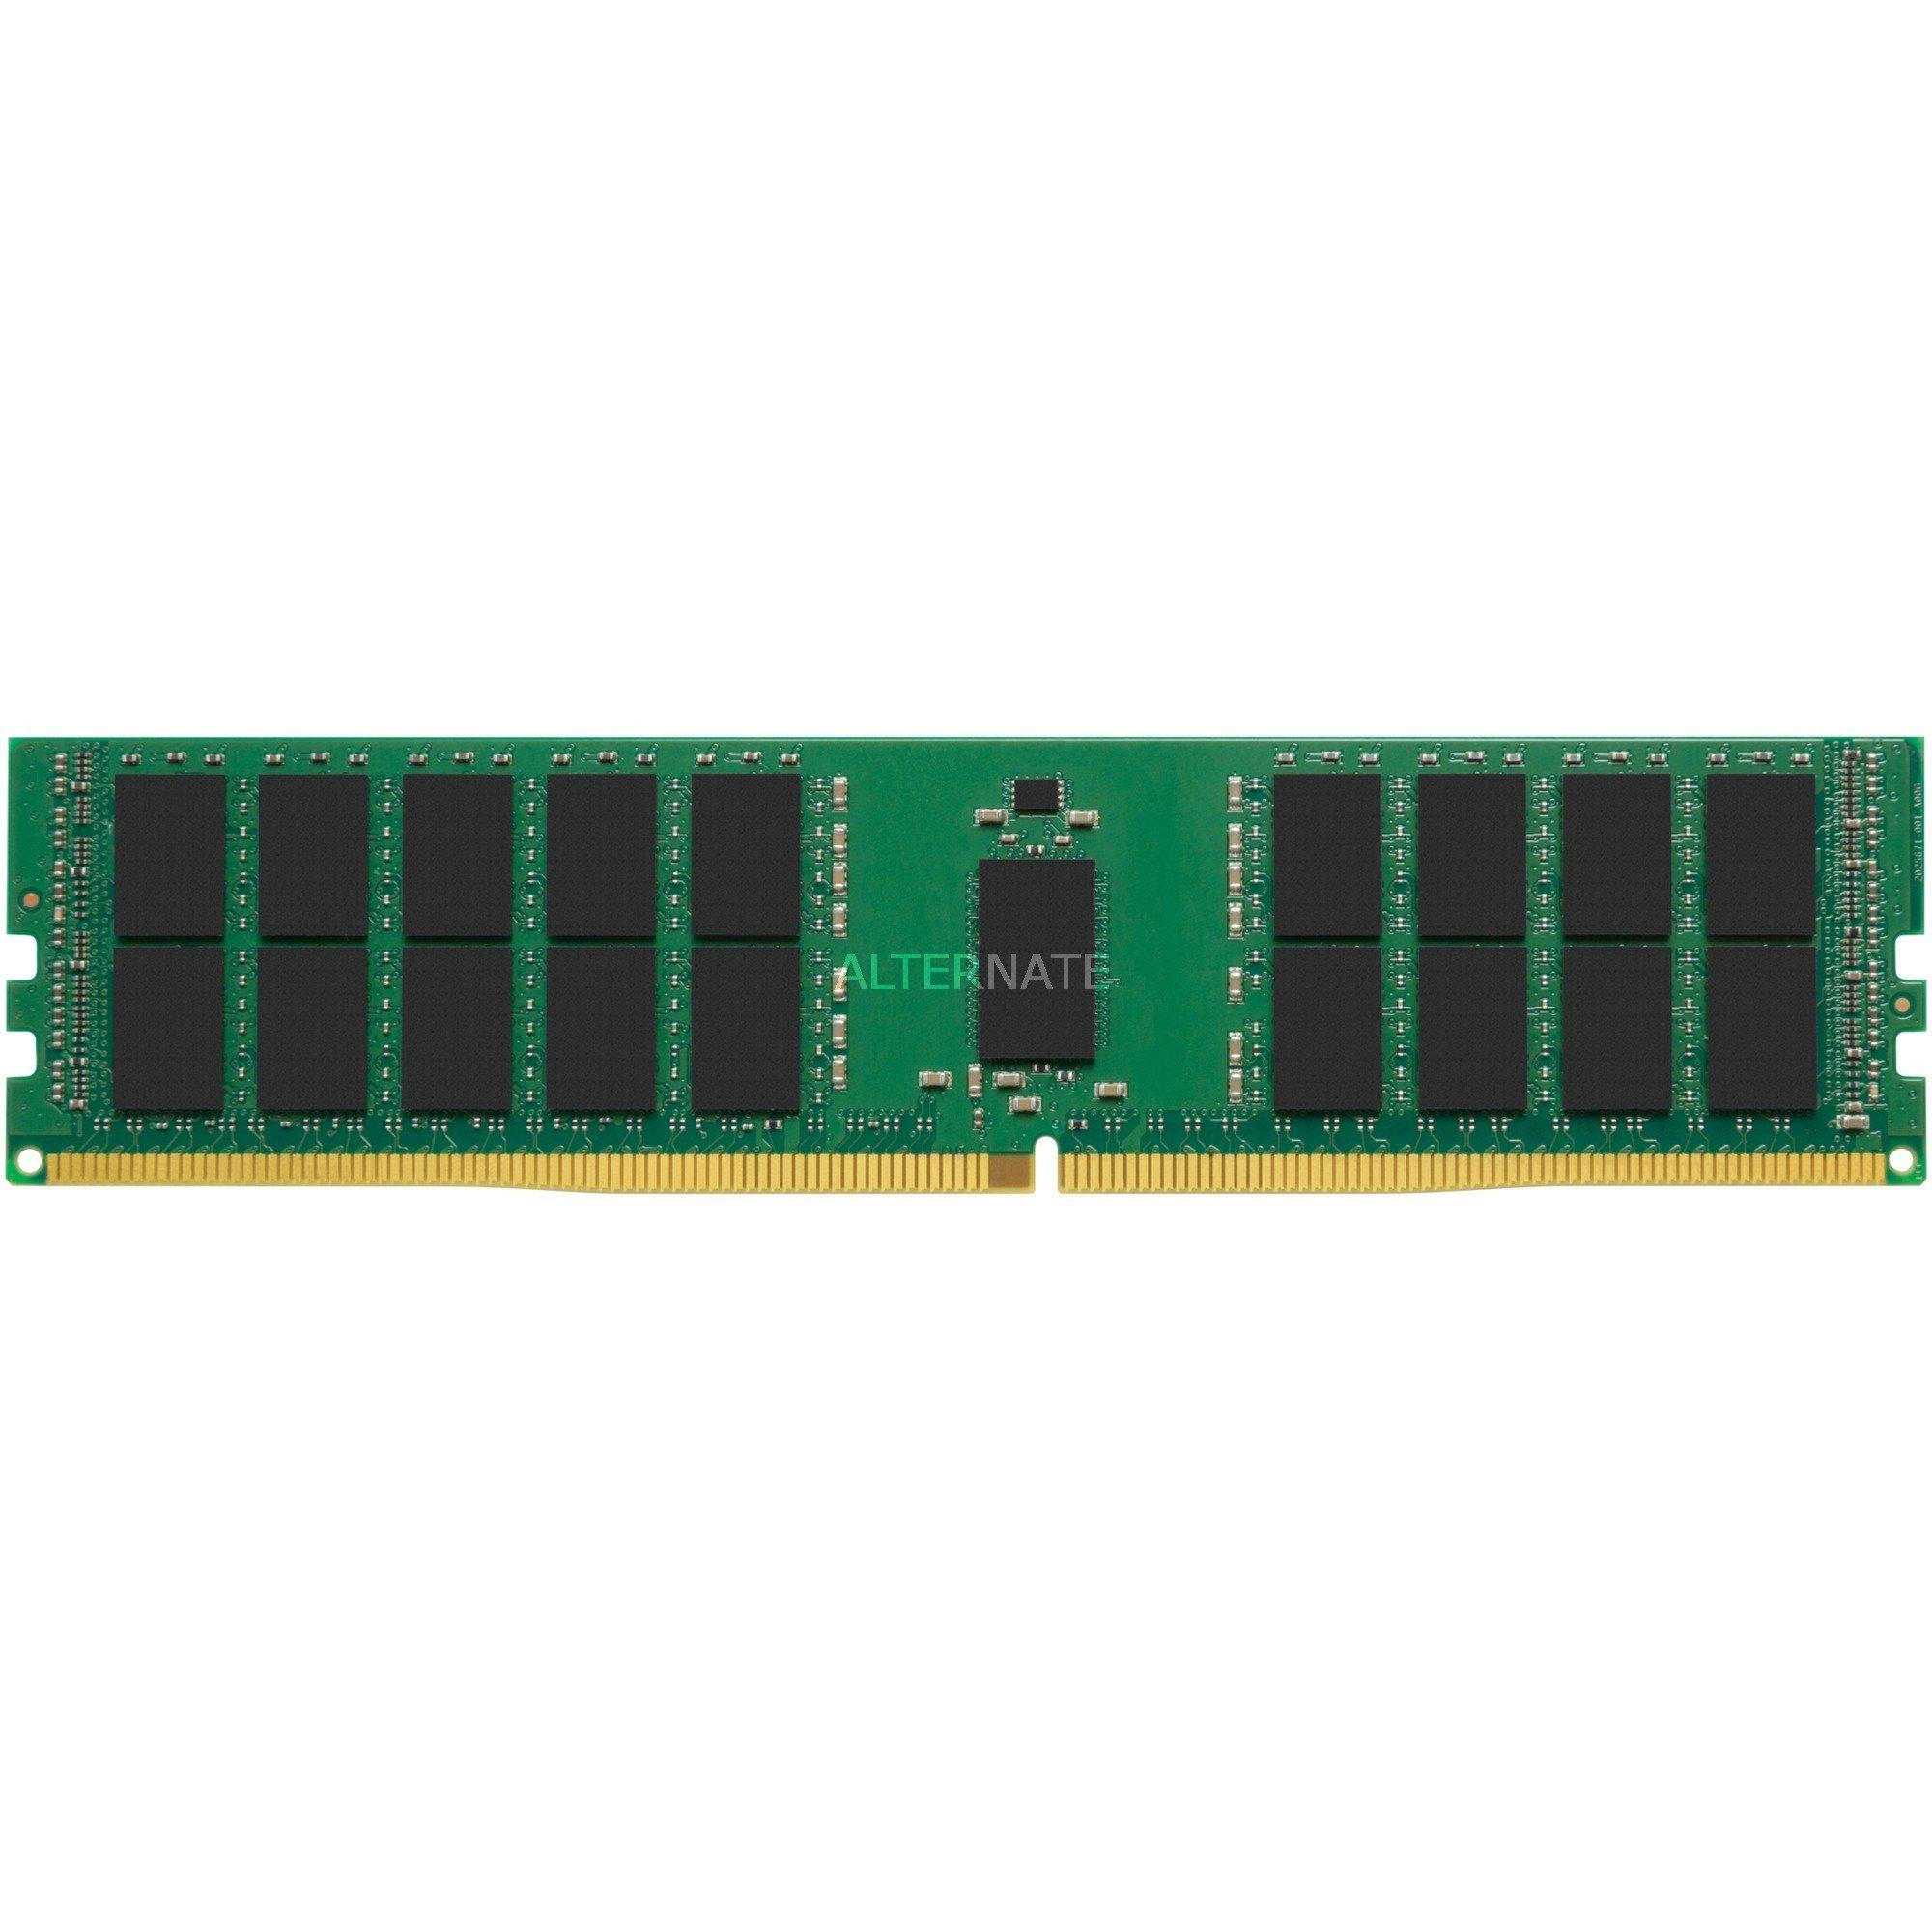 KSM24ES8/8ME módulo de memoria 8 GB DDR4 2400 MHz ECC, Memoria RAM